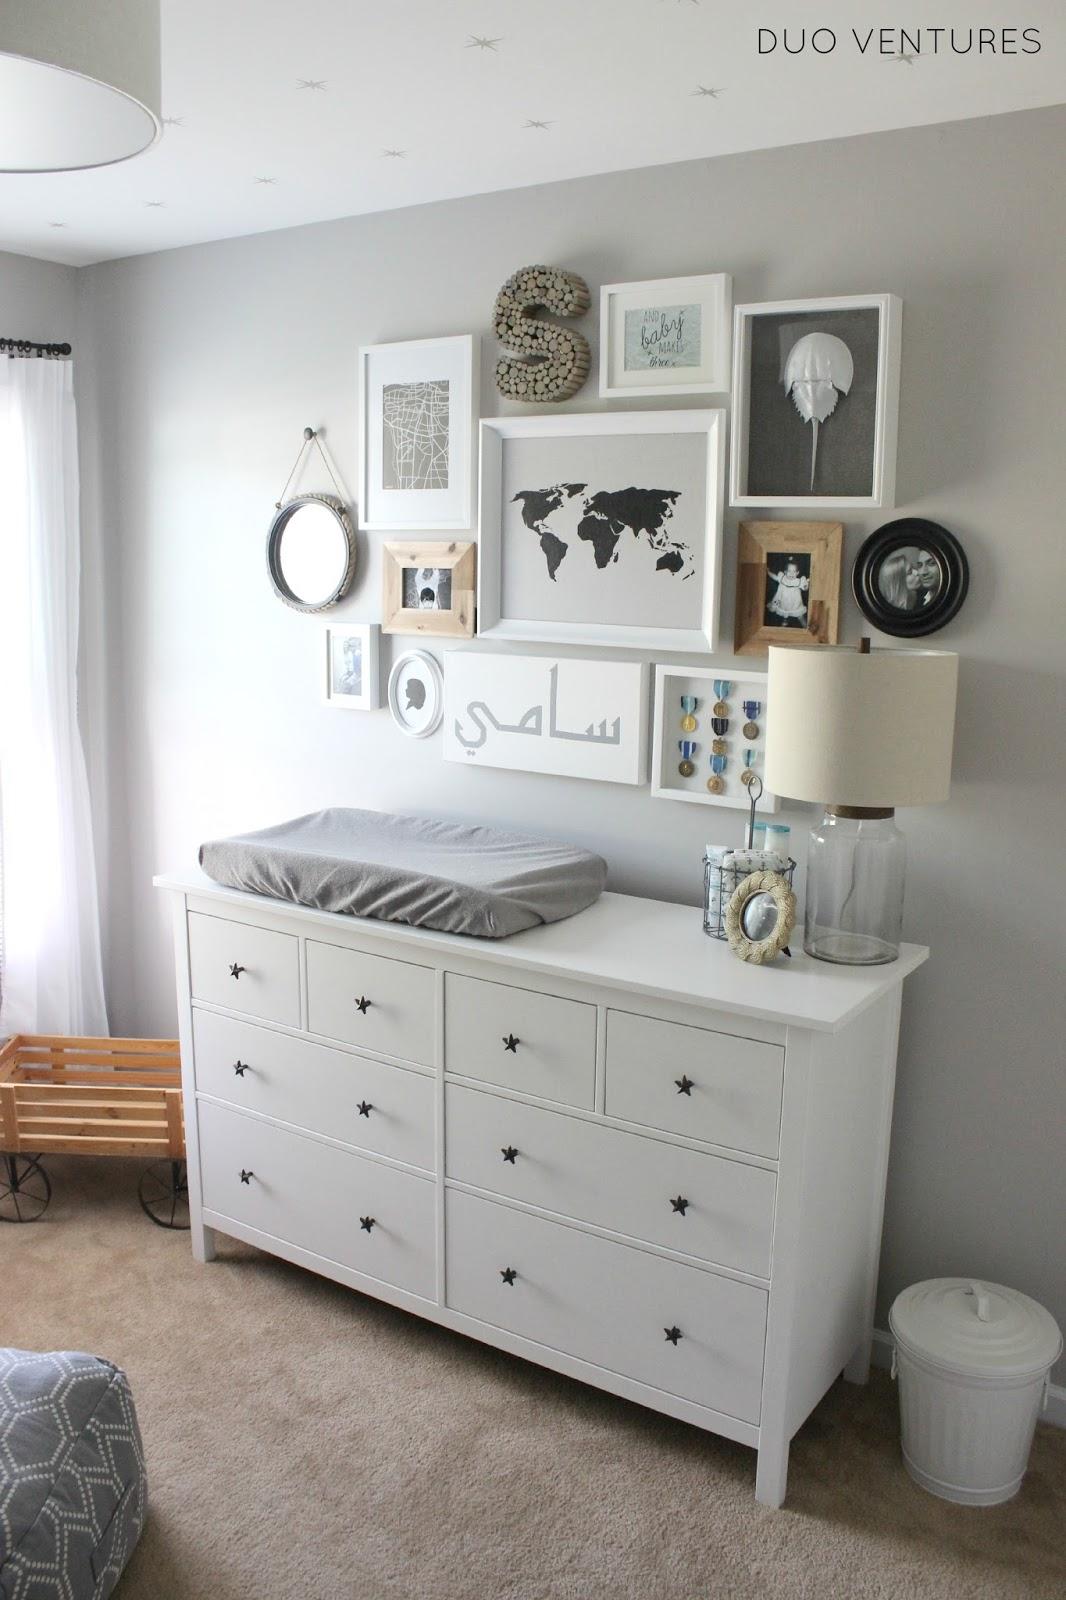 Ikea Shelves Hemnes Daybed In A Boys Bedroom: Duo Ventures: The Nursery: Custom IKEA Hemnes Dresser